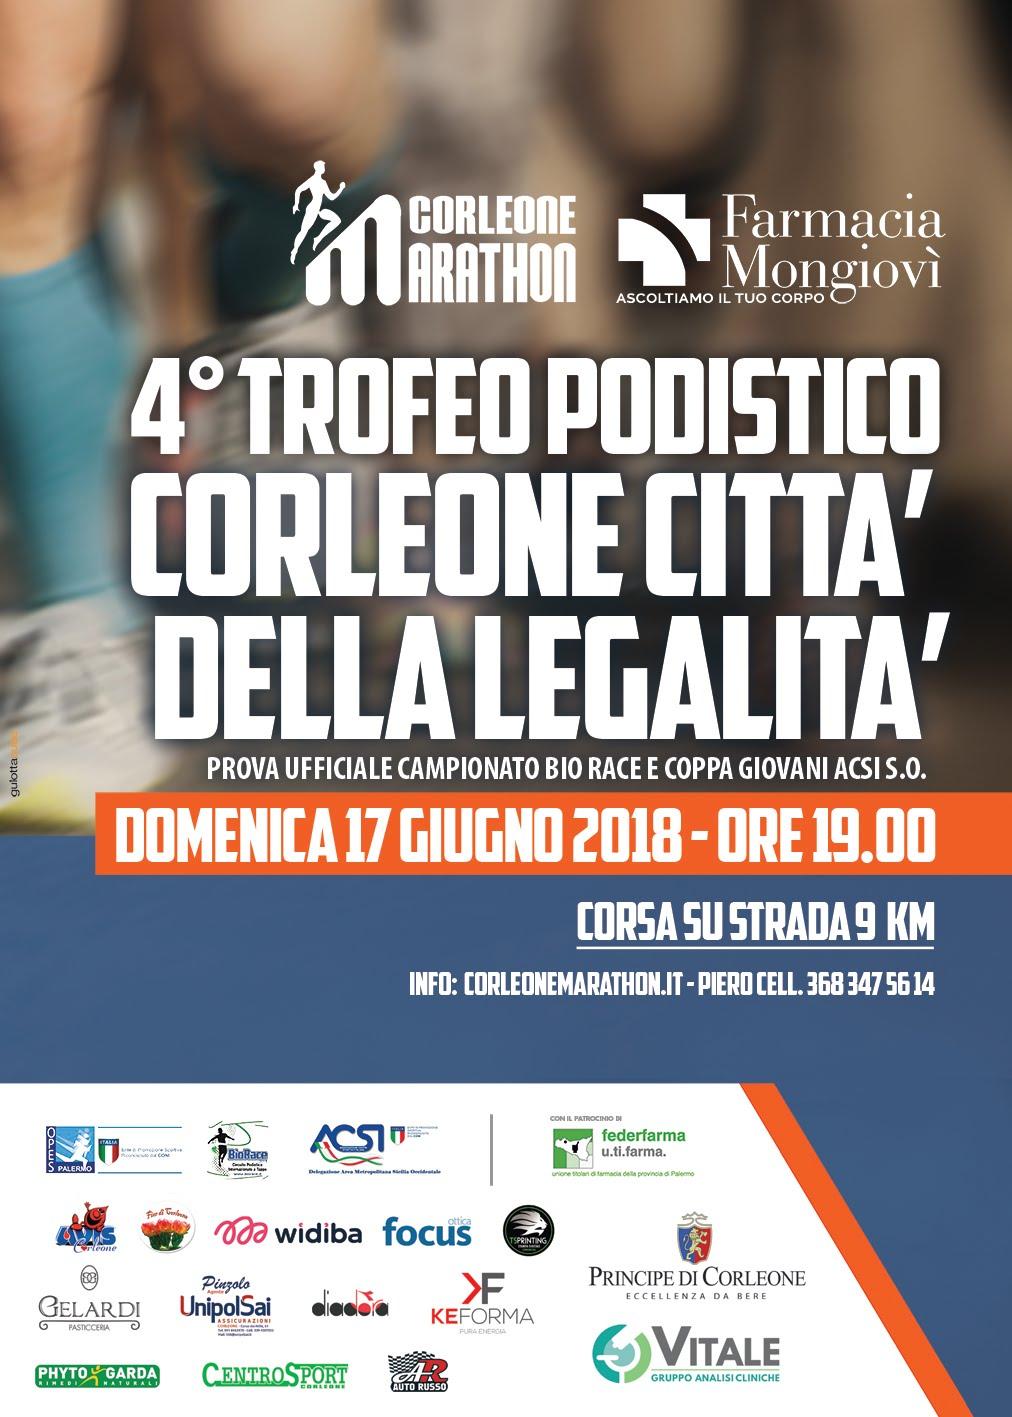 4° Trofeo podistico CORLEONE CITTA' DELLA LEGALITA'